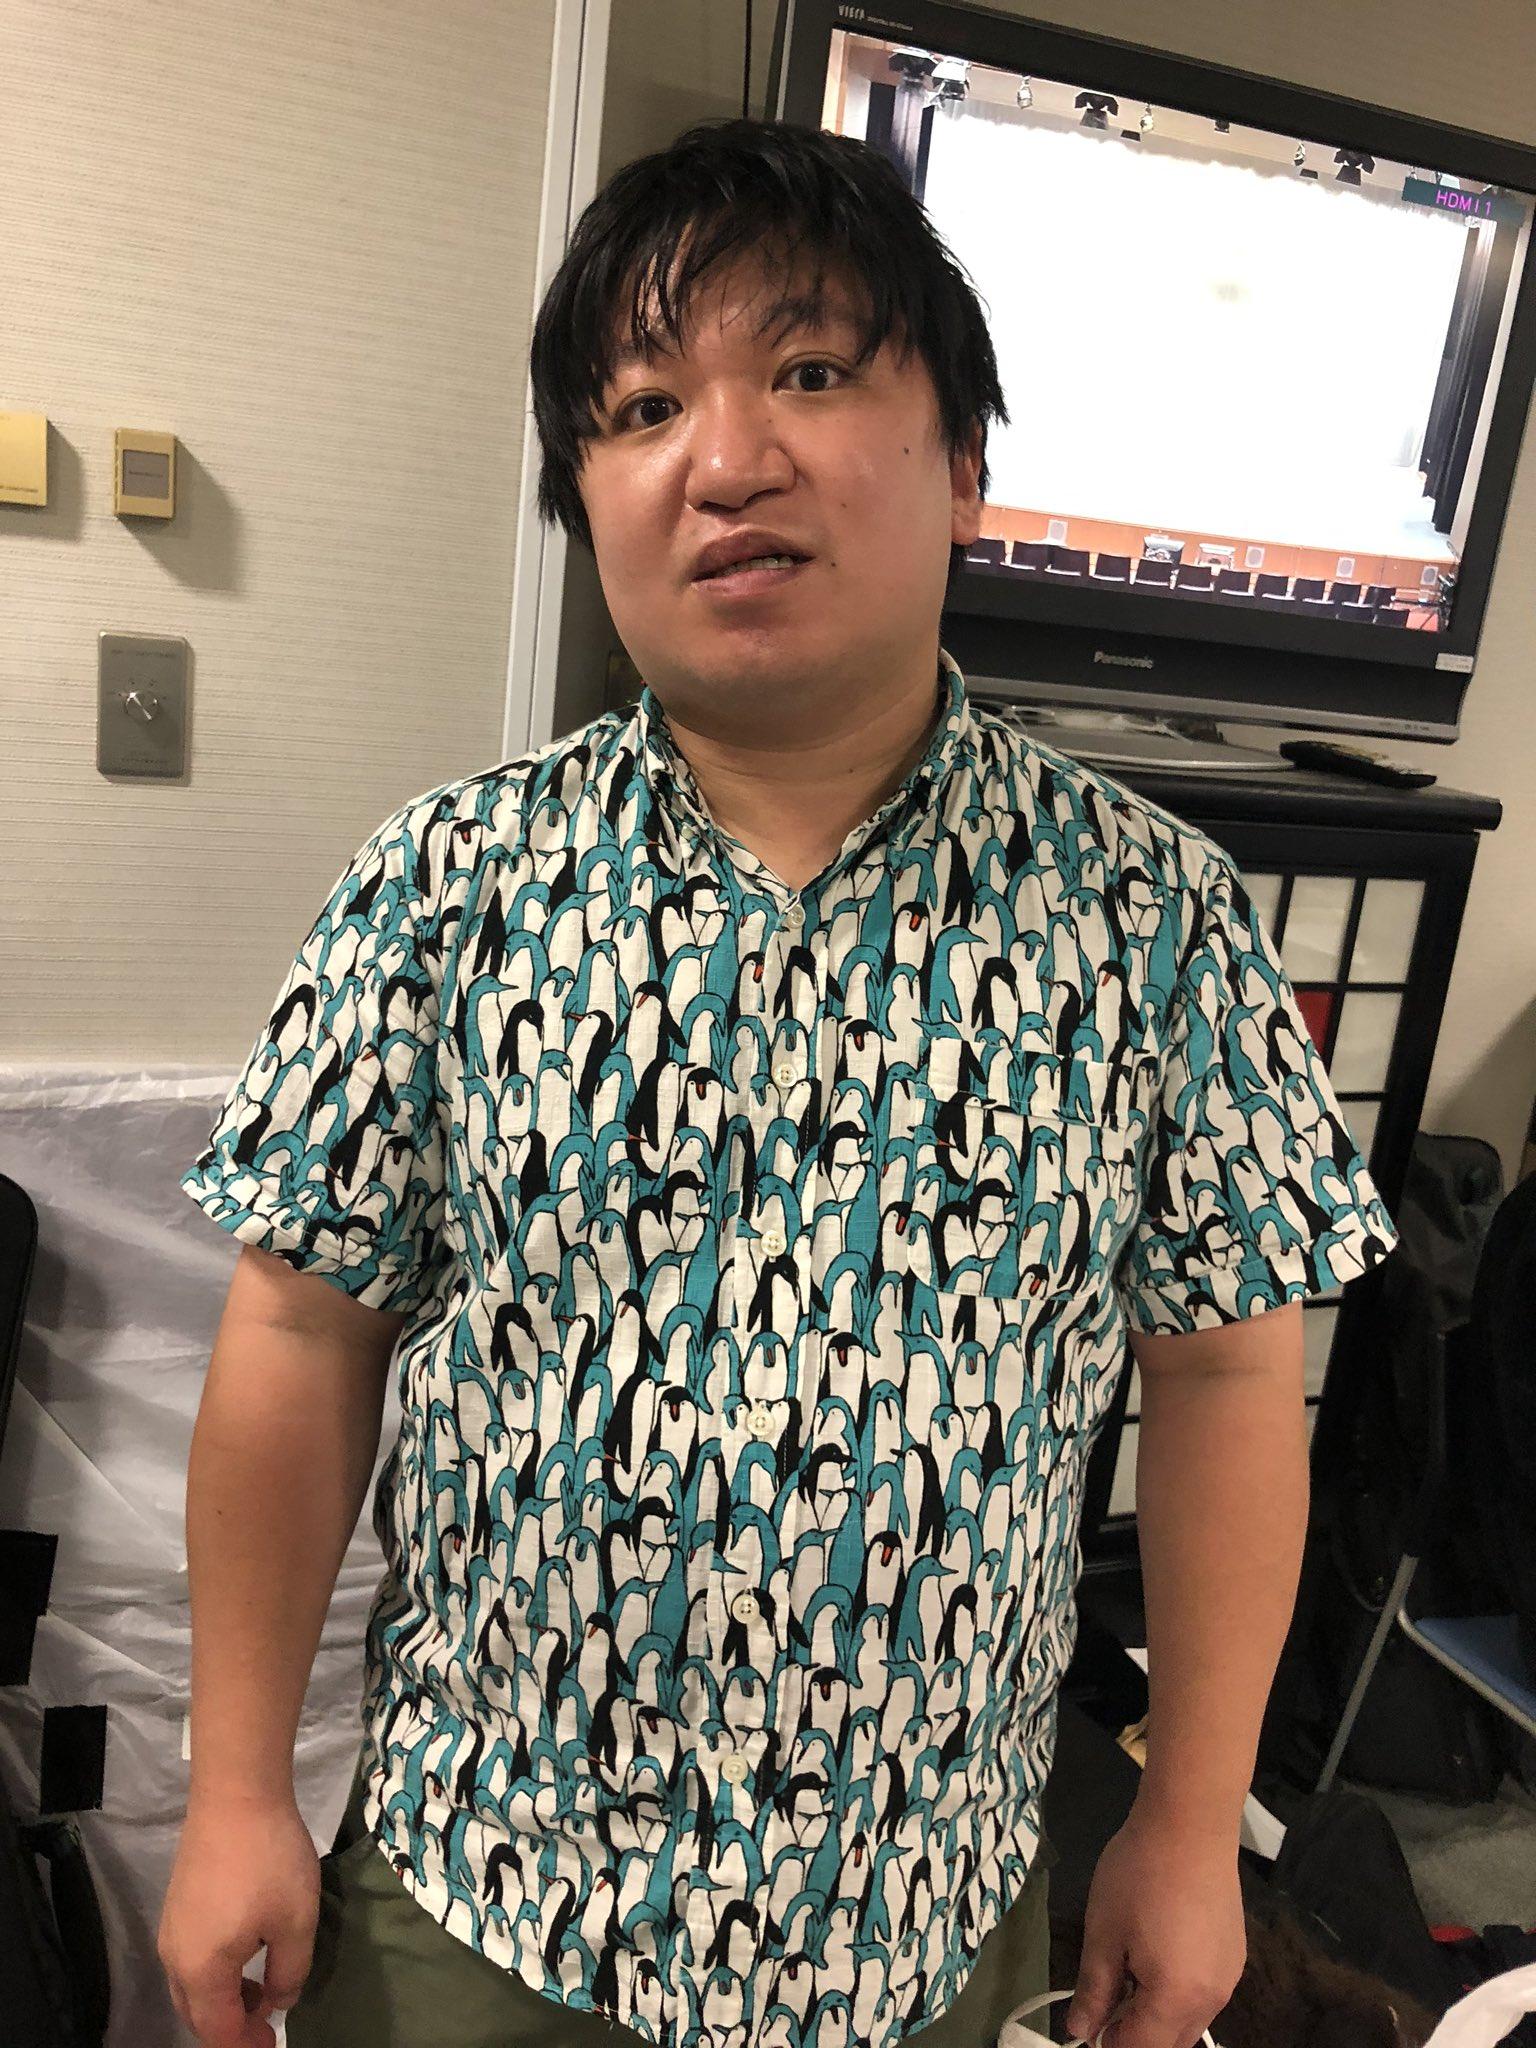 ニッポンの社長のケツプロフィール